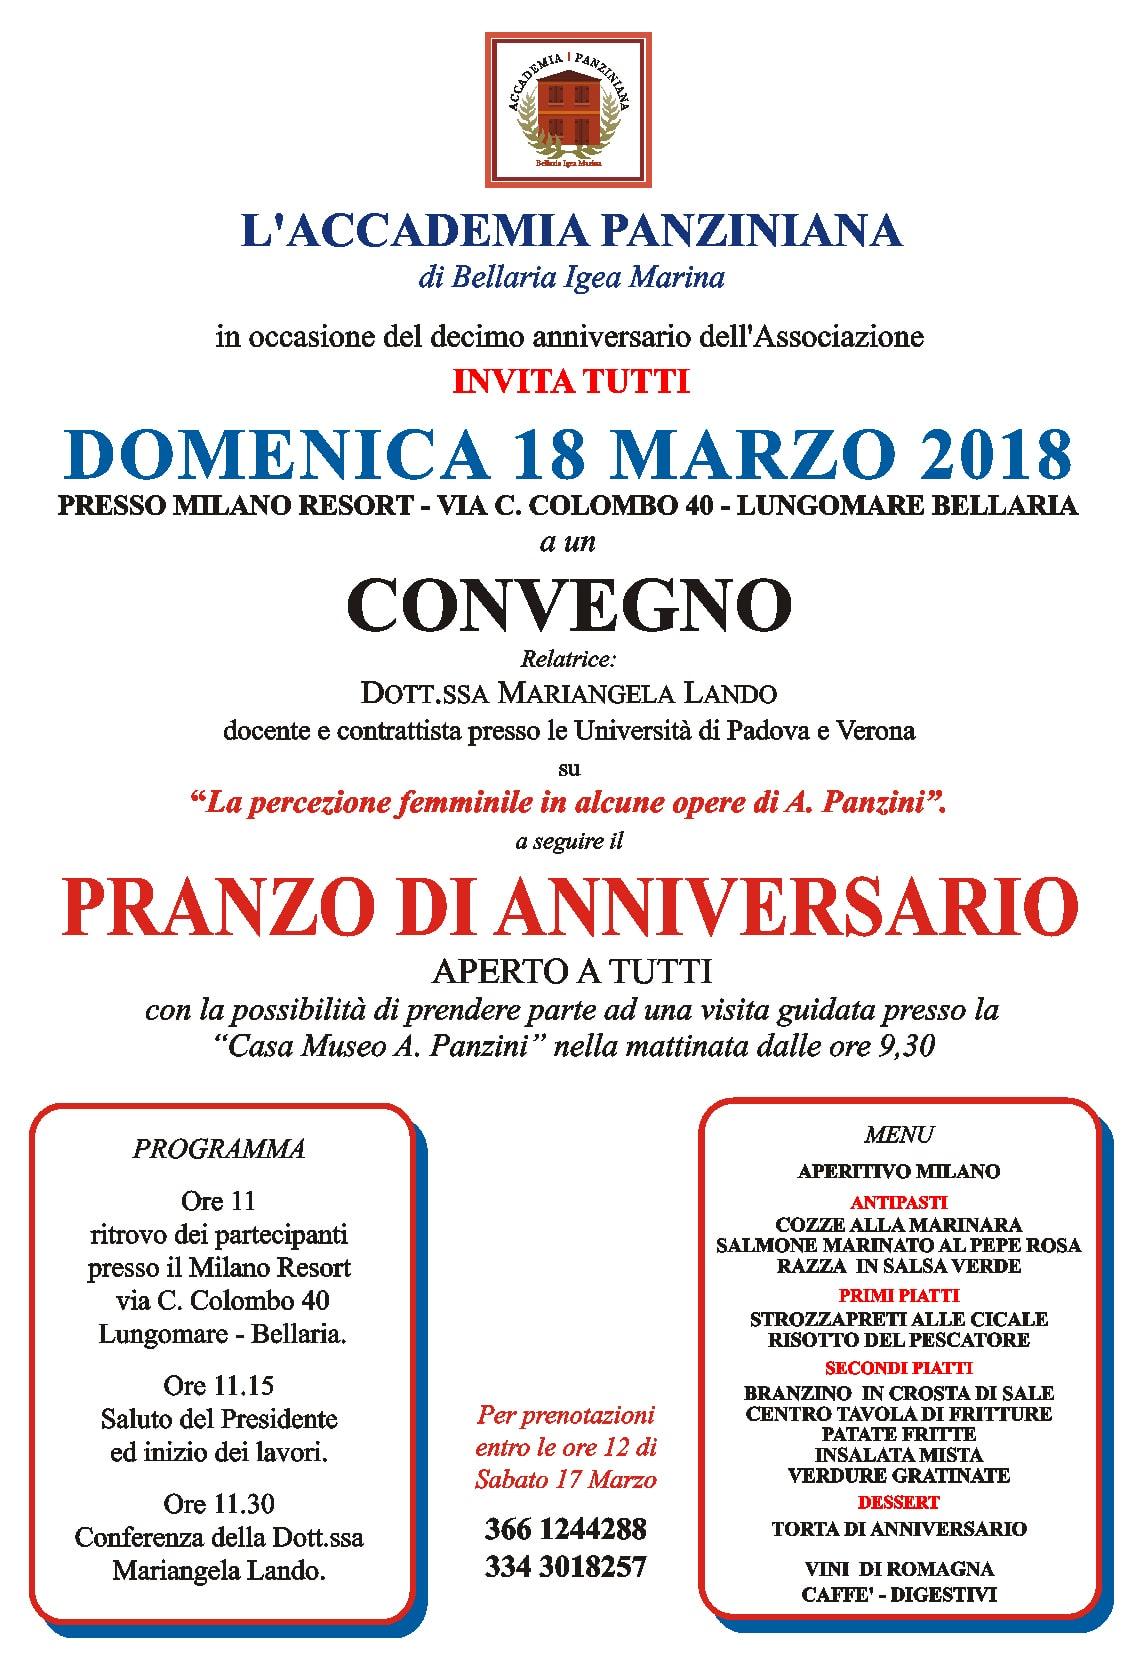 18 marzo: convegno e pranzo di anniversario per i 10 anni dell'Accademia Panziniana